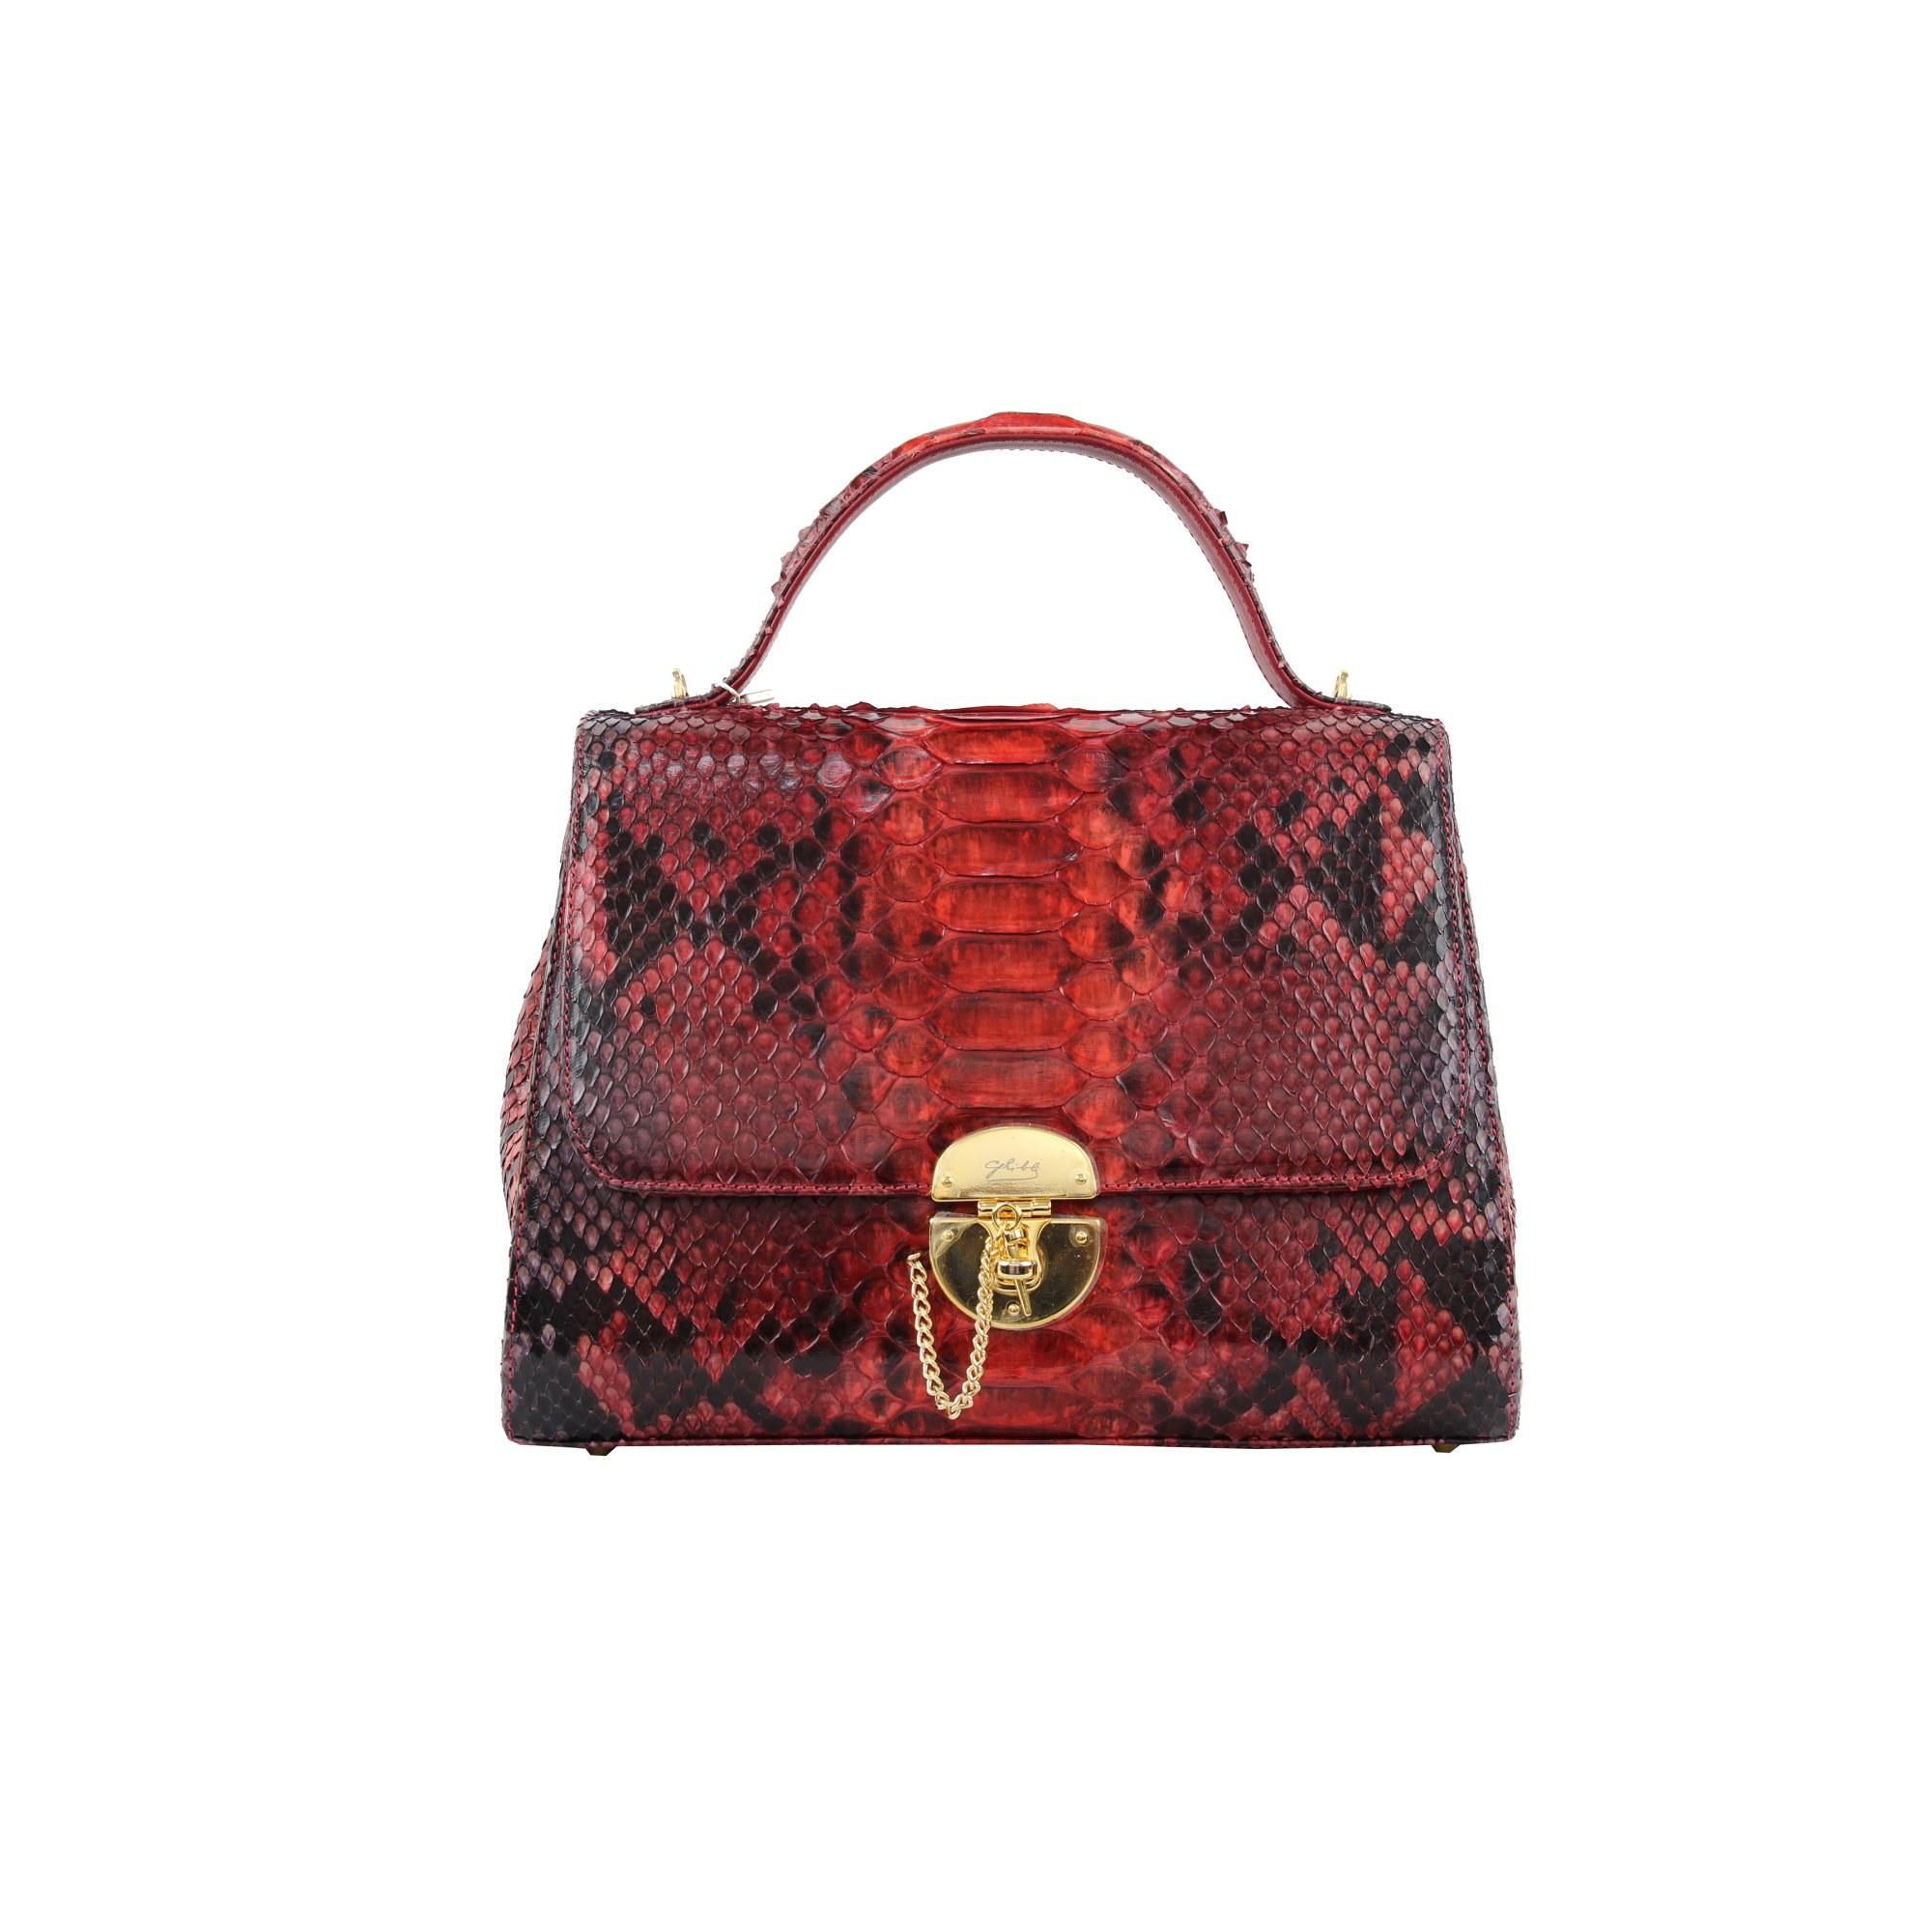 f0cb99a8bf1a Sac à main en cuir GHIBLI rouge vendu par The florence boutique ...